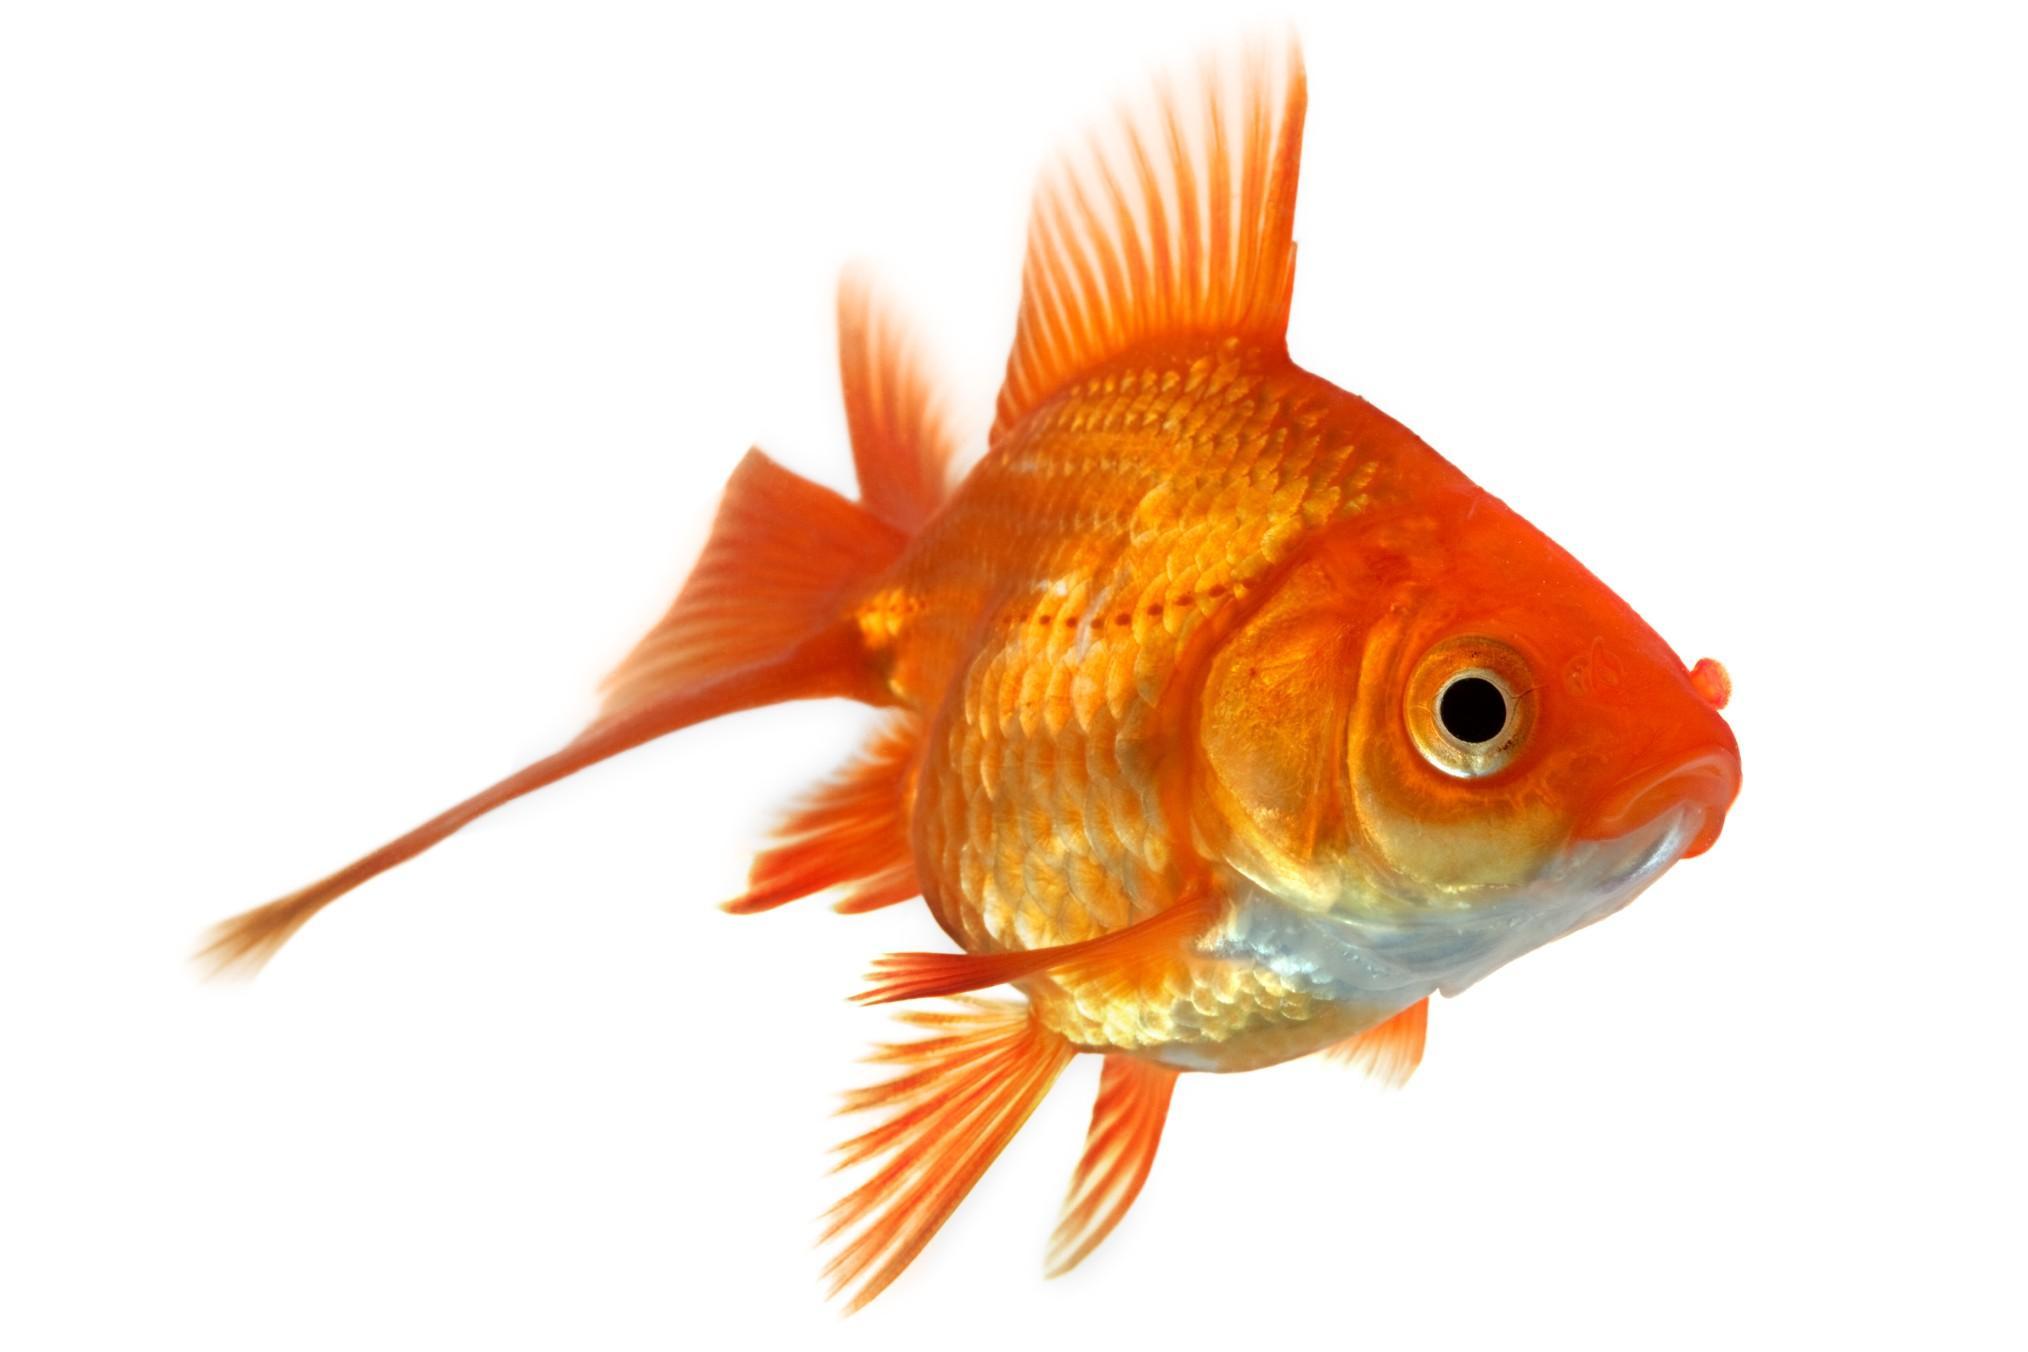 malattie dei pesci diagnosi e riconoscimento diario di